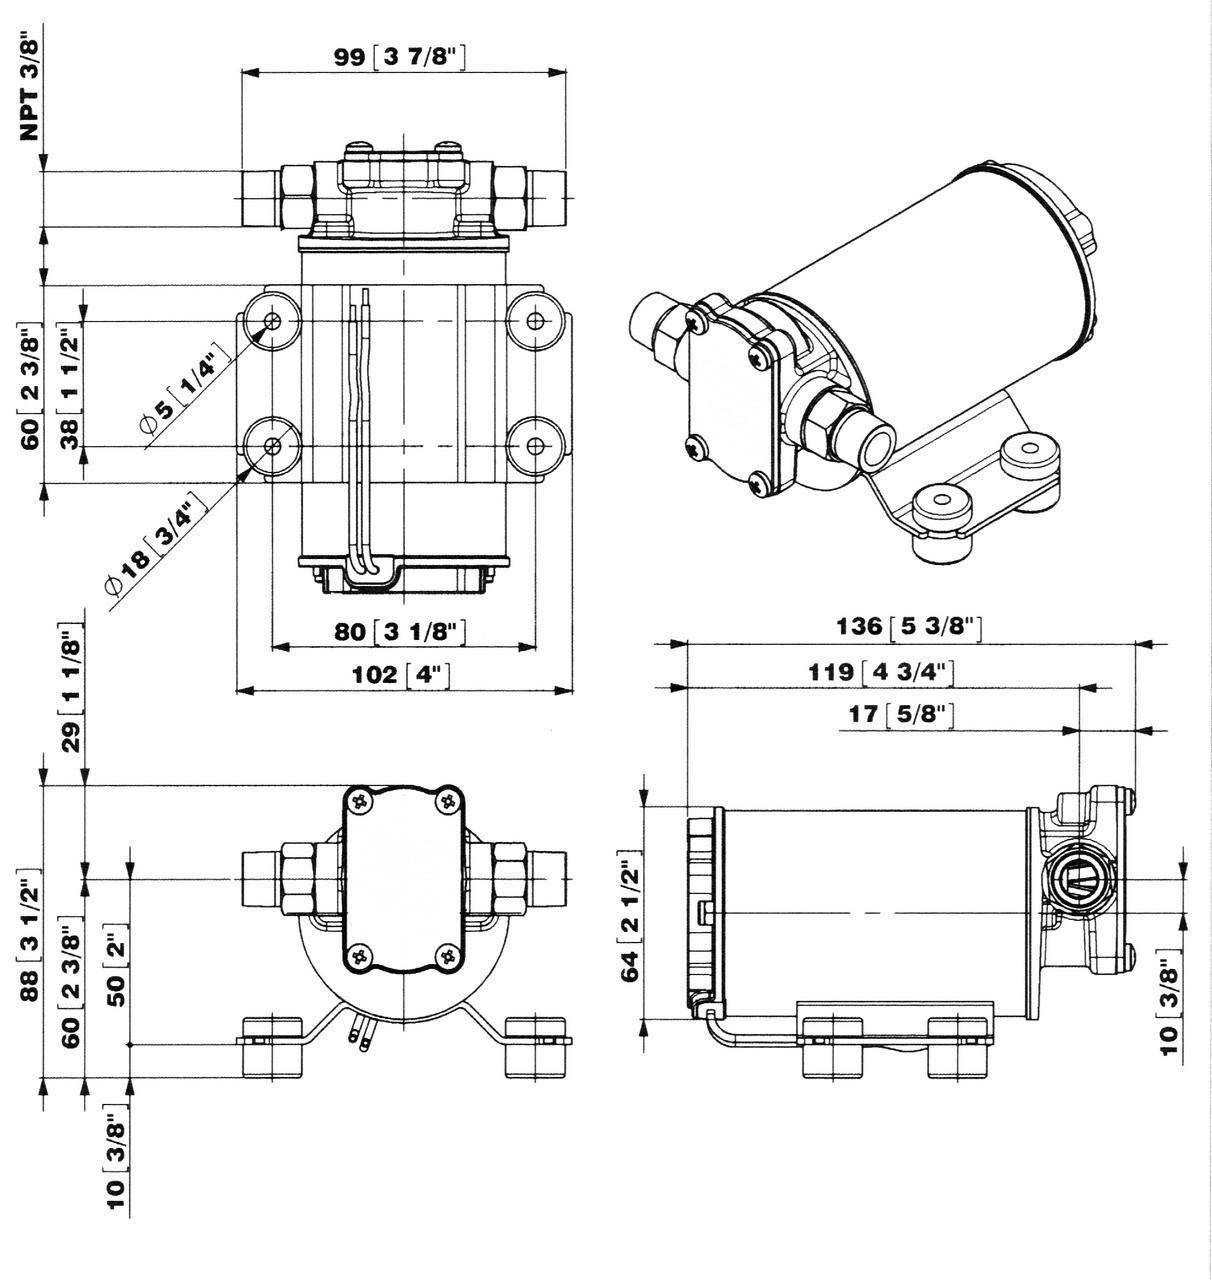 24 Volt gear pump dimensions